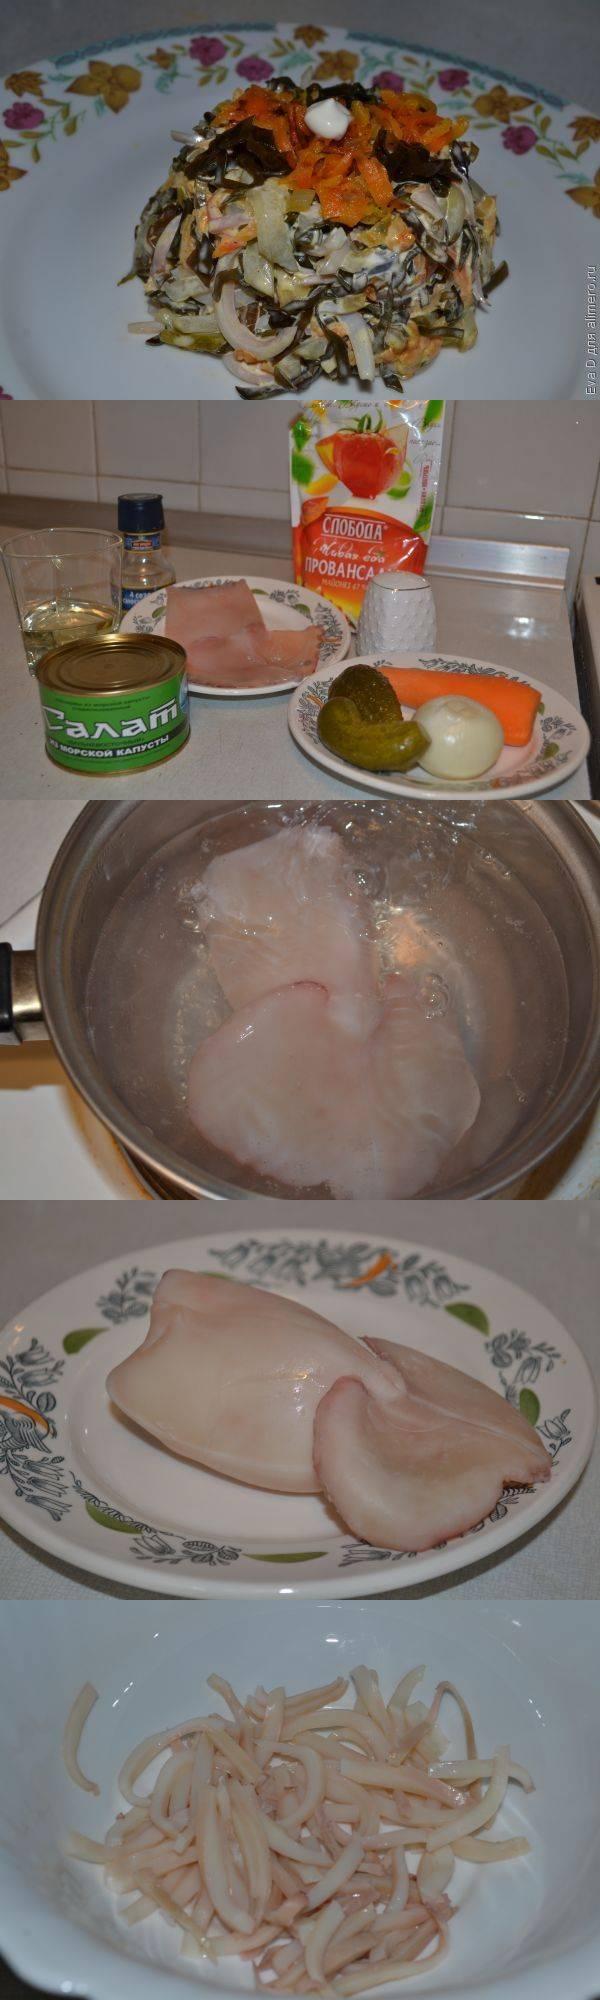 Салат с морской капустой и кальмаром